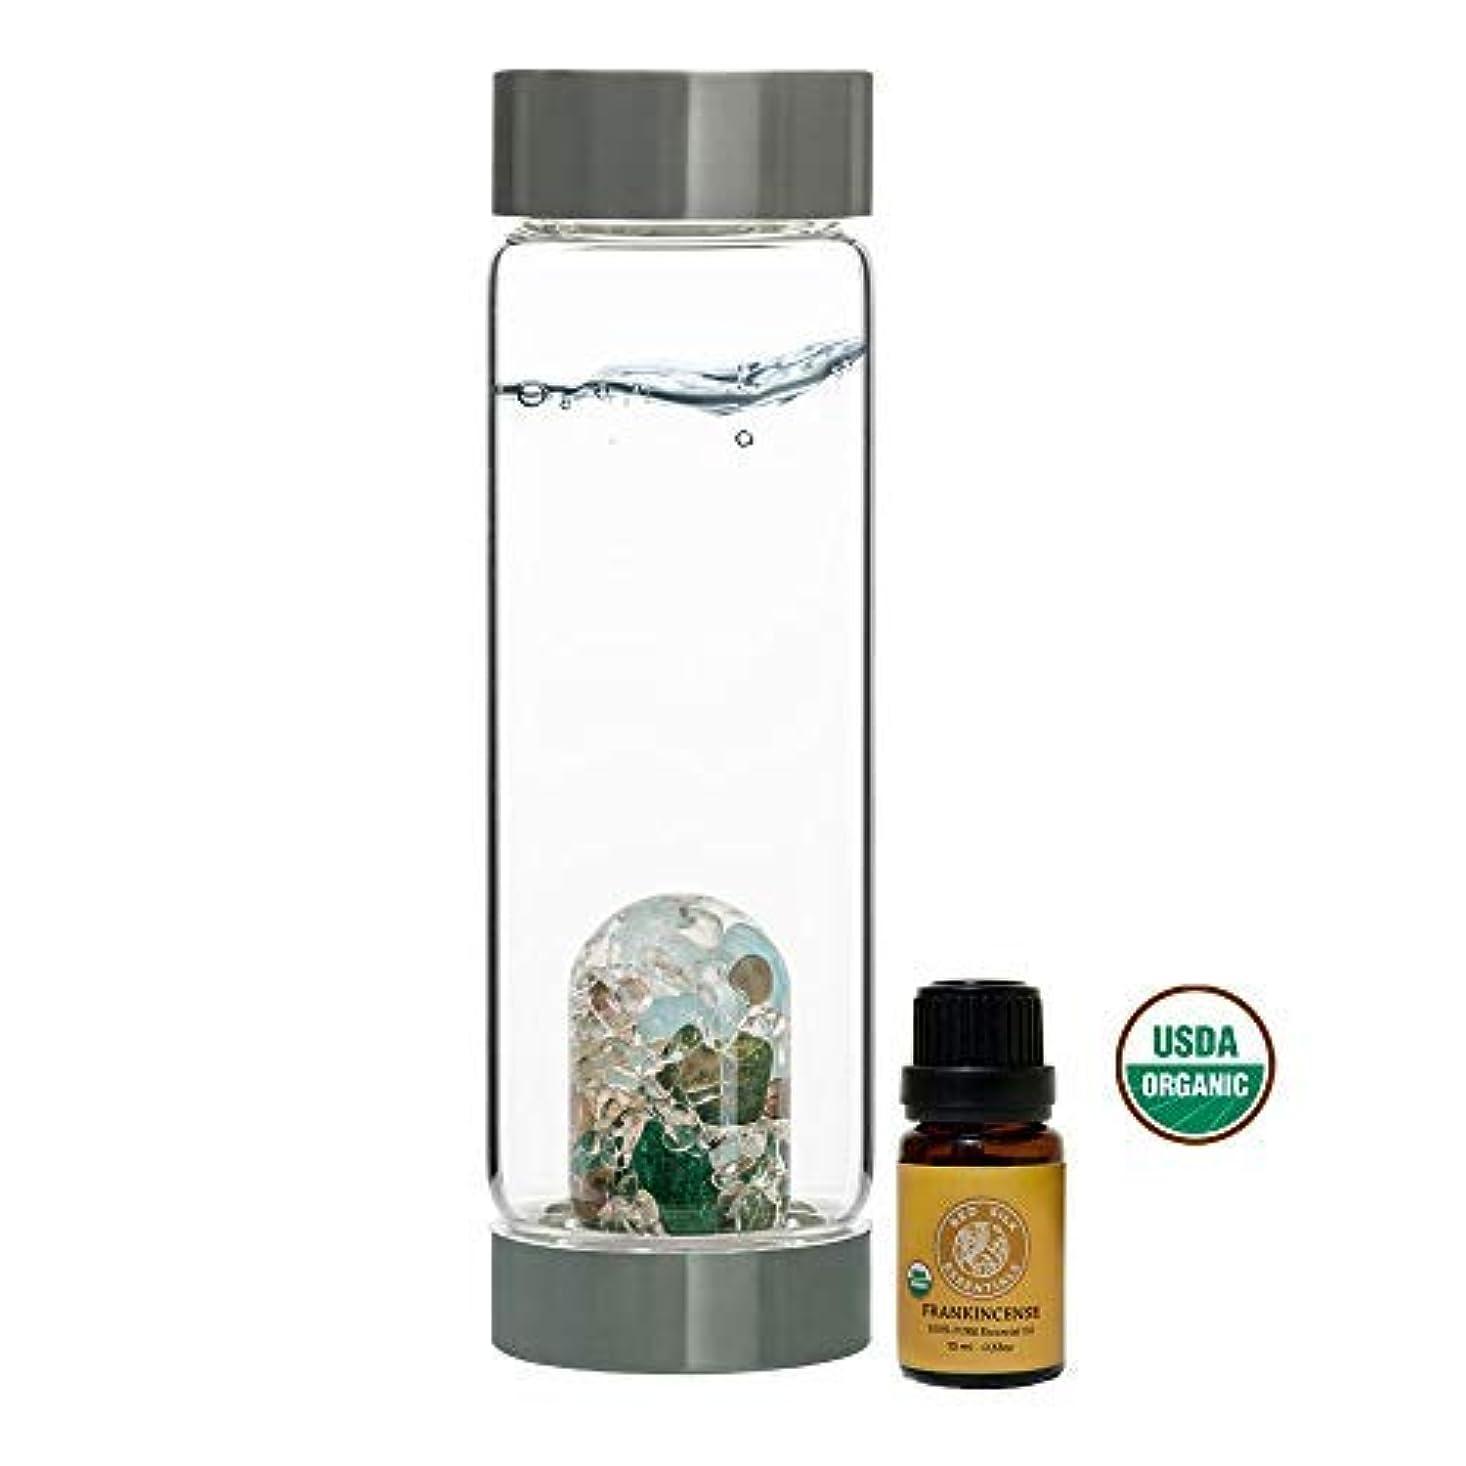 情熱交通優しいVitaJuwel Gem Water Bottle ViA - Forever Young w/Free Organic Frankincense Essential Oil [並行輸入品]